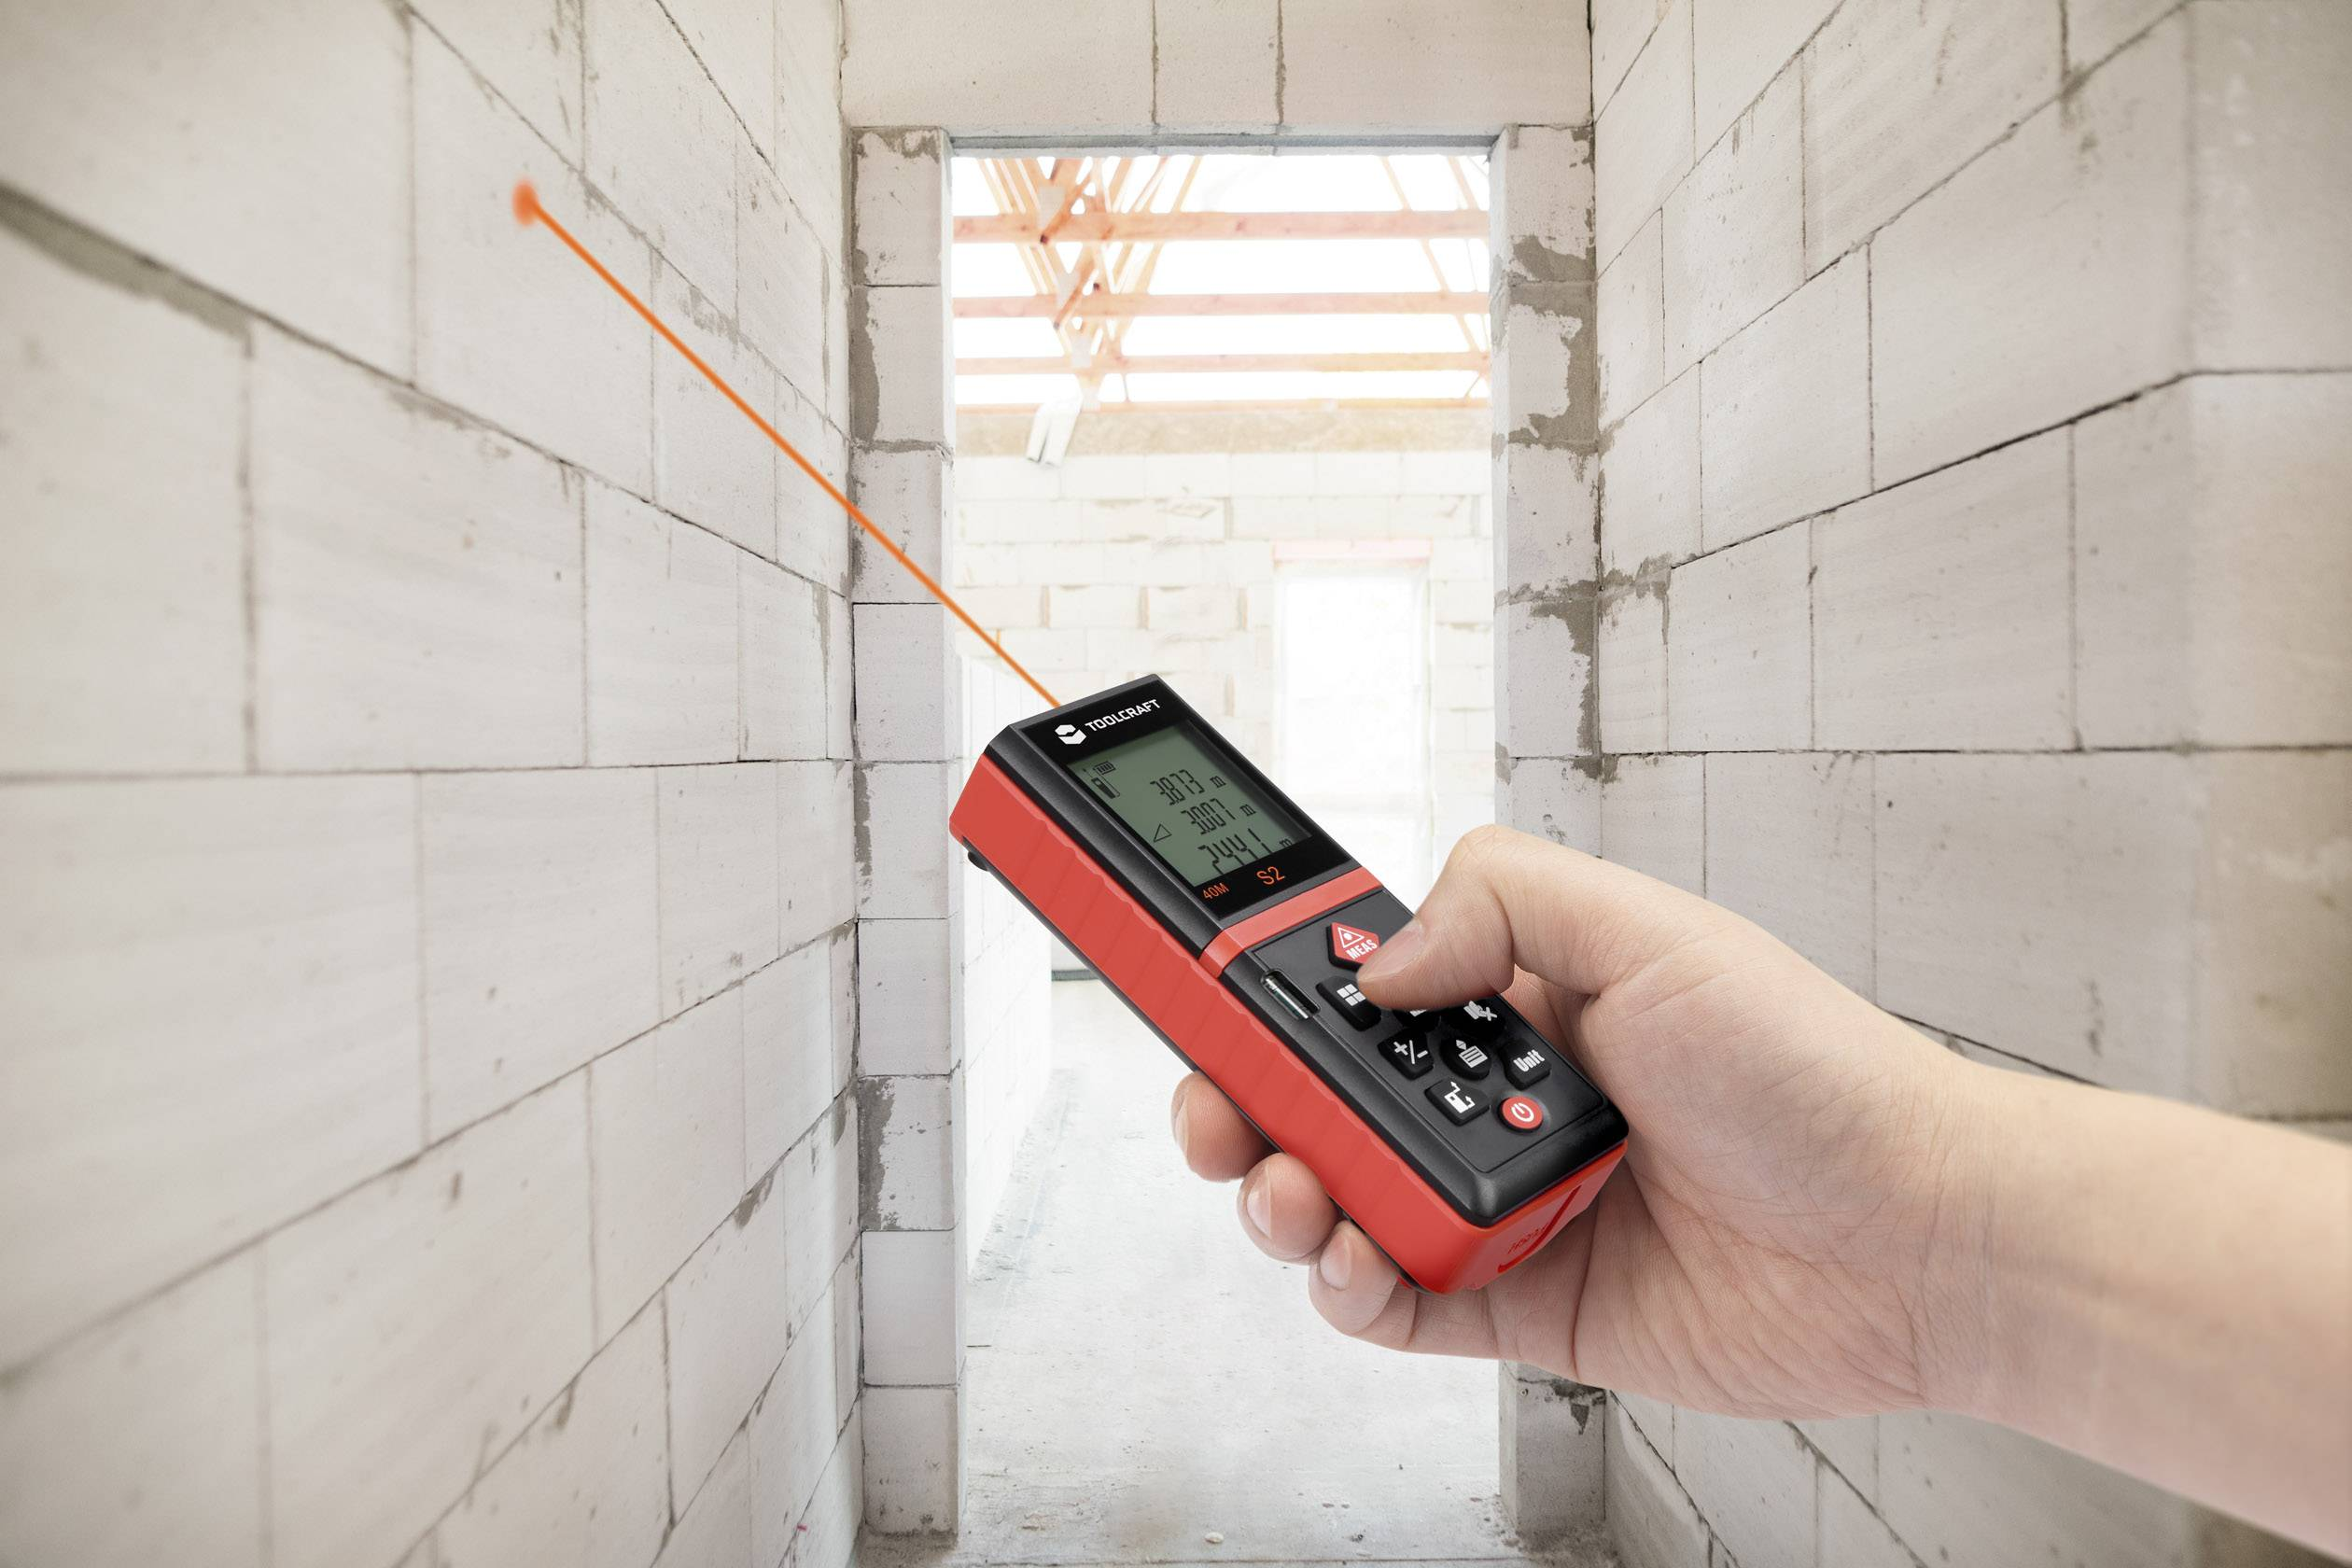 Laser Entfernungsmesser Neigungsmessung : Max toolcraft to lmd laser entfernungsmesser messbereich m